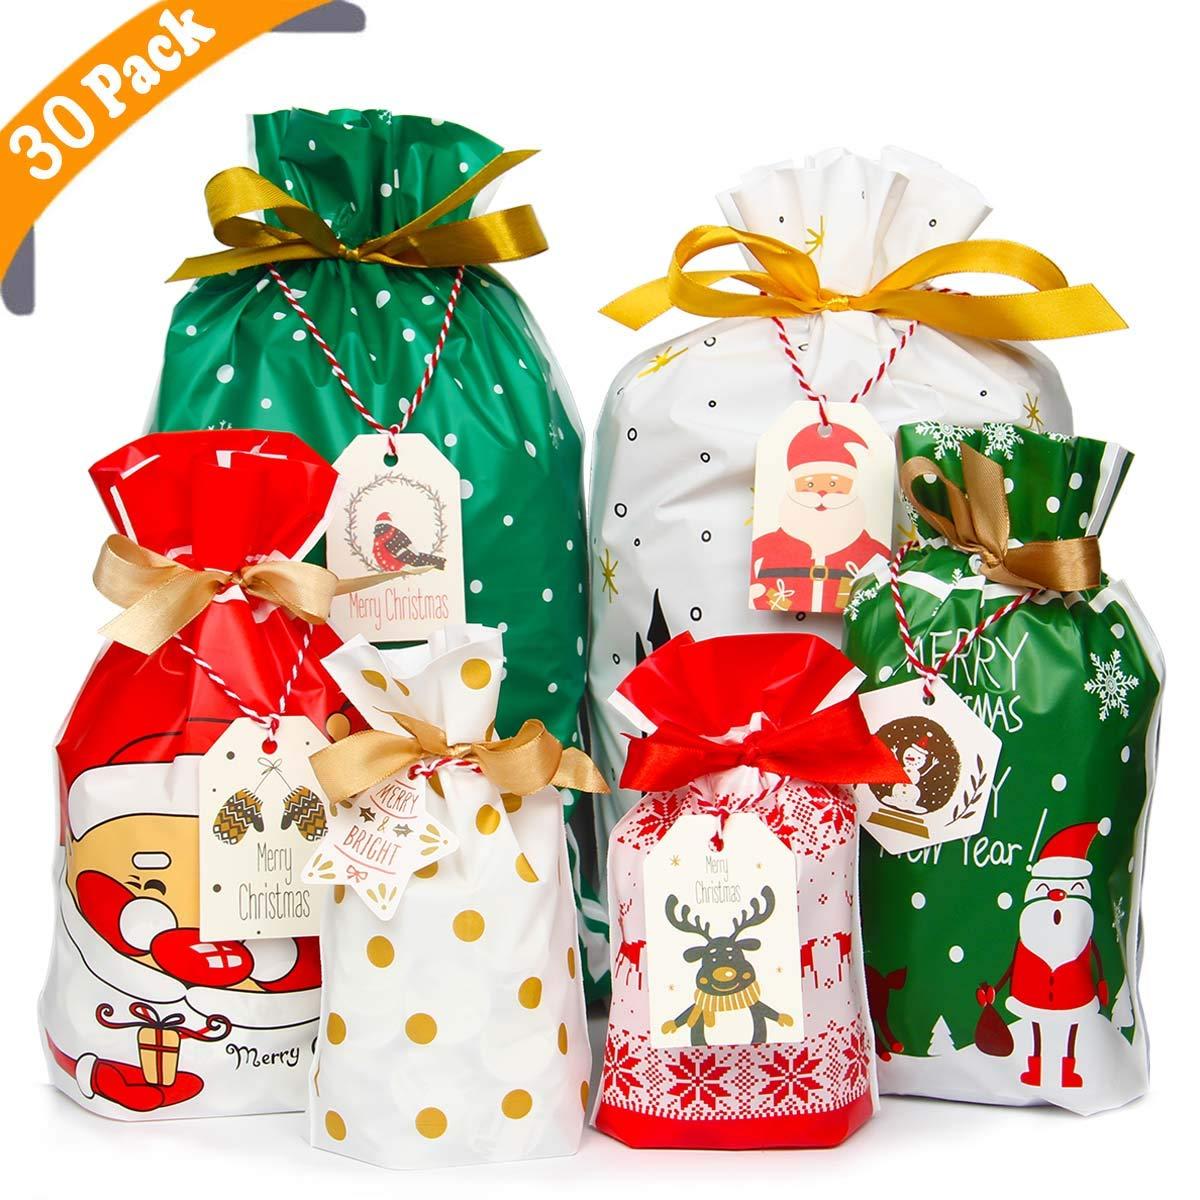 confezione da 30 pezzi Grande. con chiusura a cordoncino Yiran Sacchetti regalo natalizi assortiti